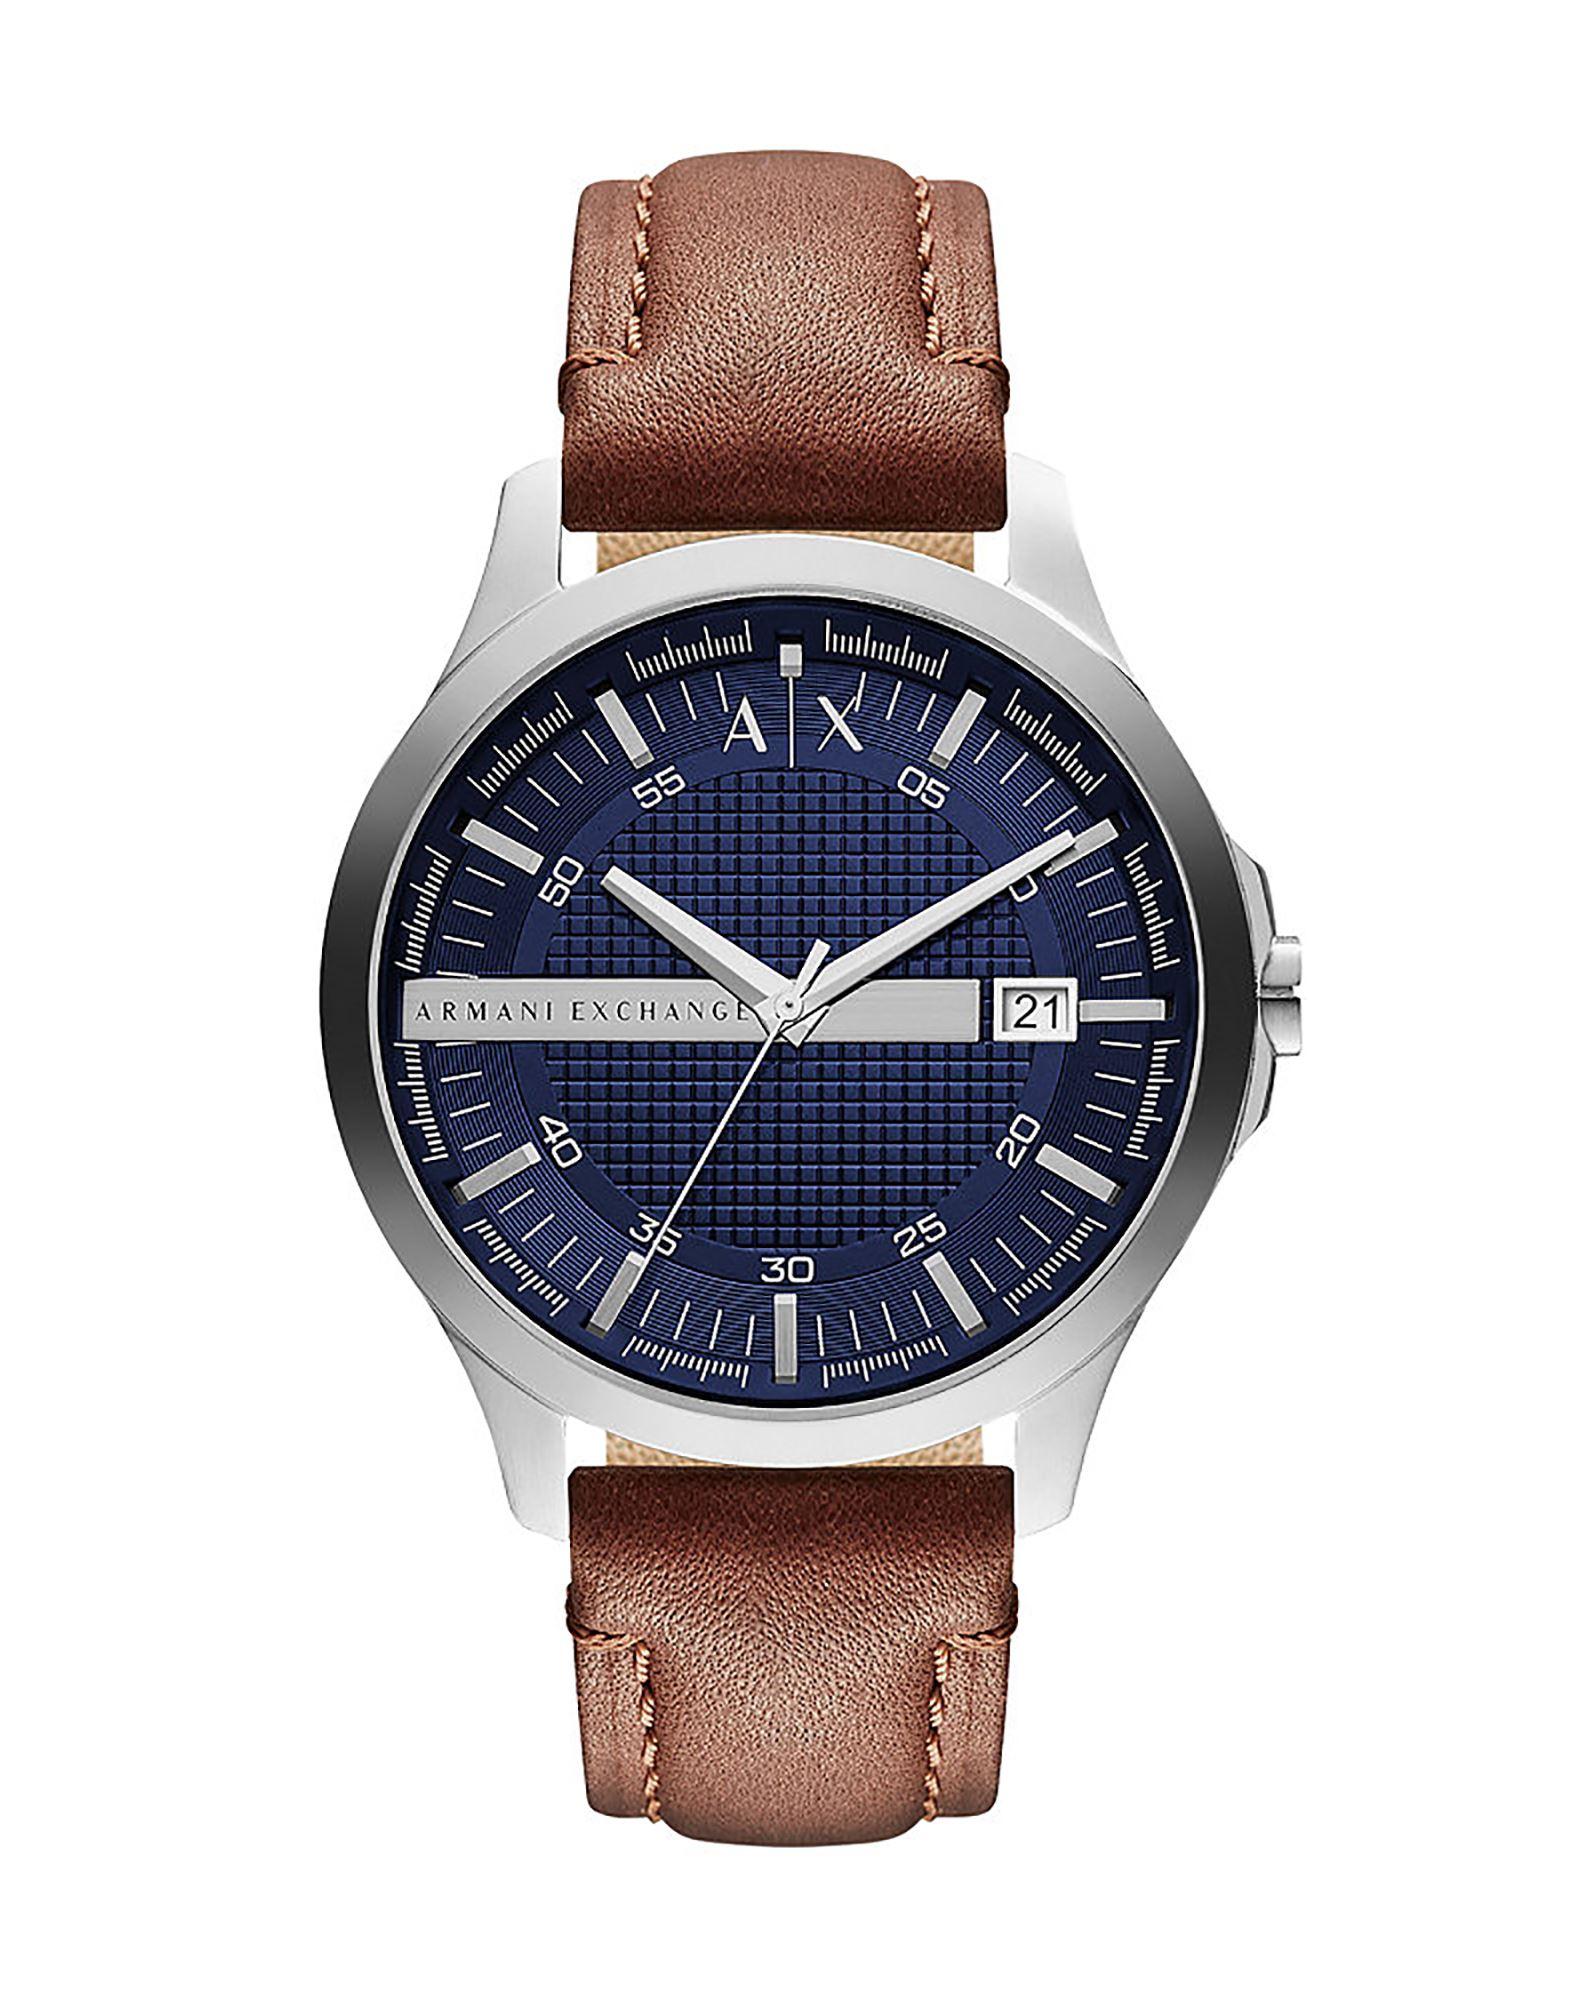 《送料無料》ARMANI EXCHANGE メンズ 腕時計 シルバー ステンレススチール / 革